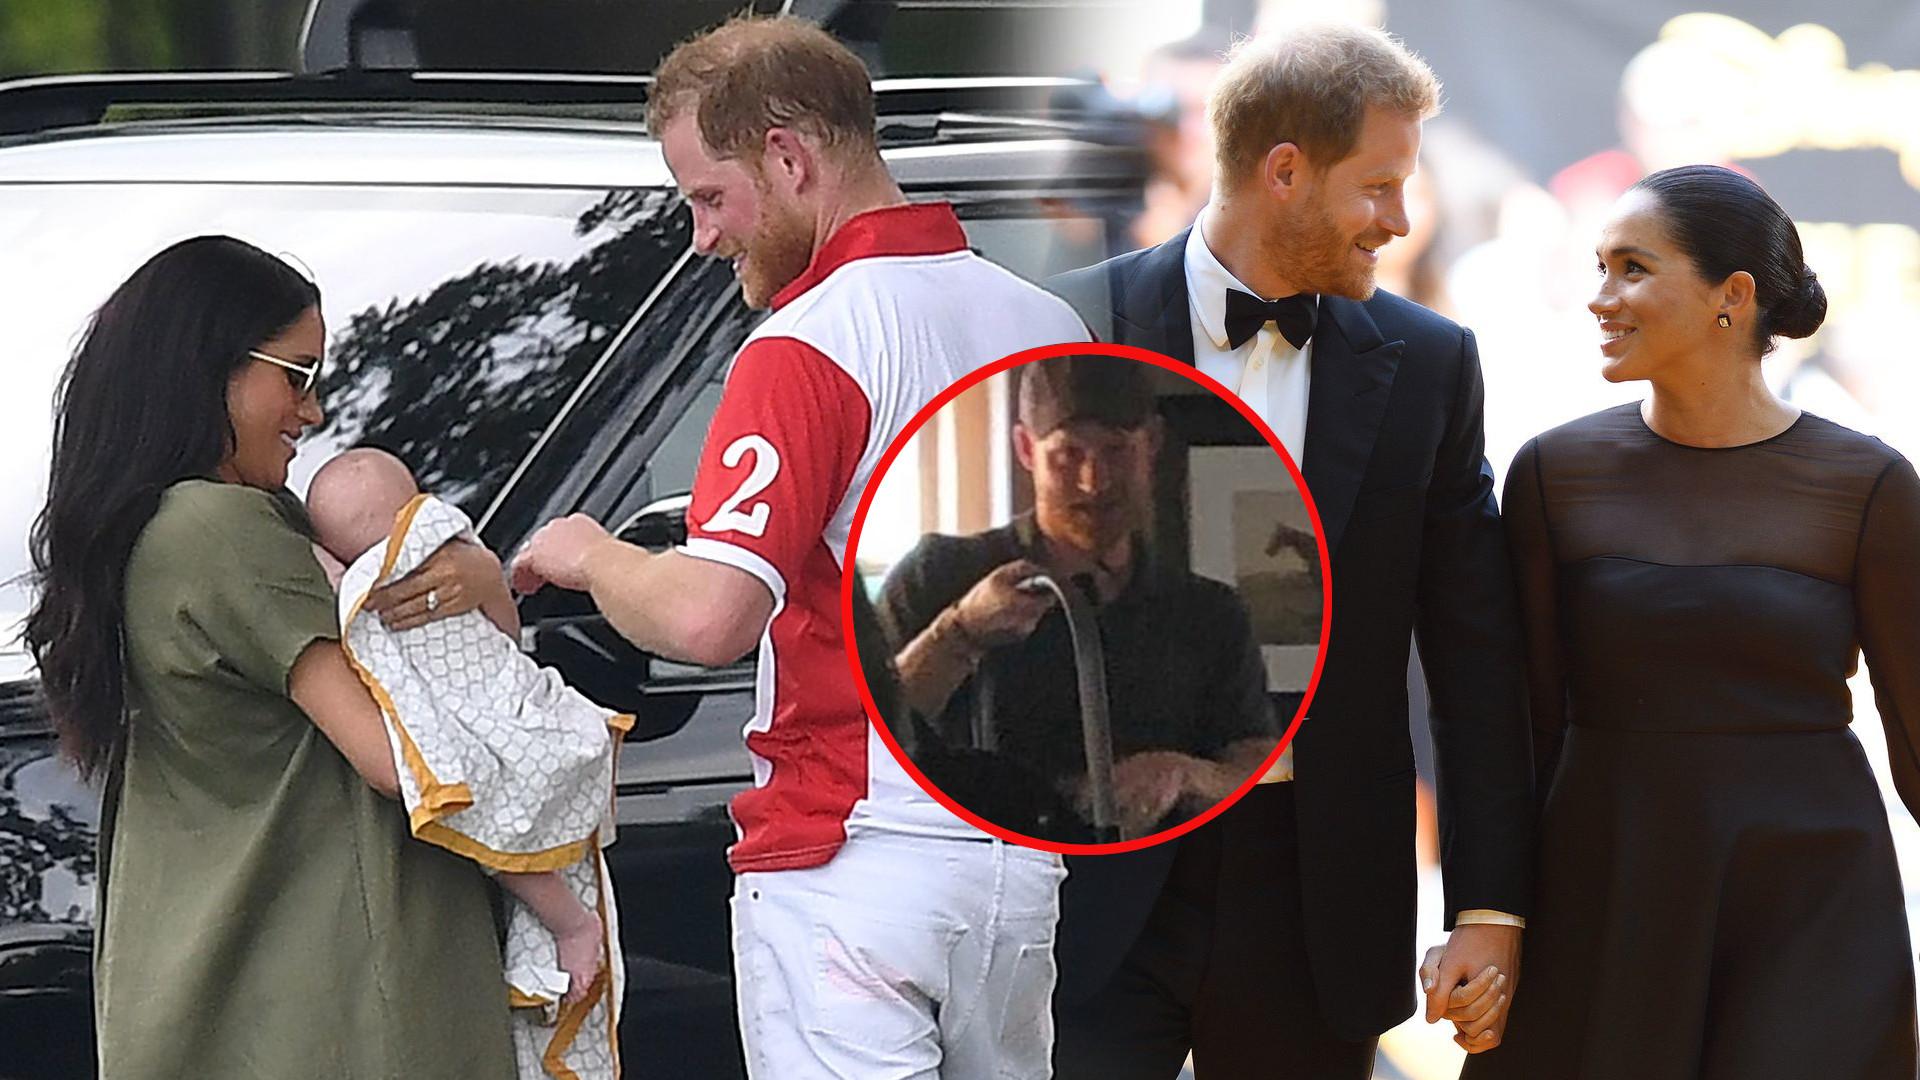 Meghan i Harry z Archiem sfotografowani w PUBIE – księżna w szortach, a książę zamówił piwo (ZDJĘCIA)